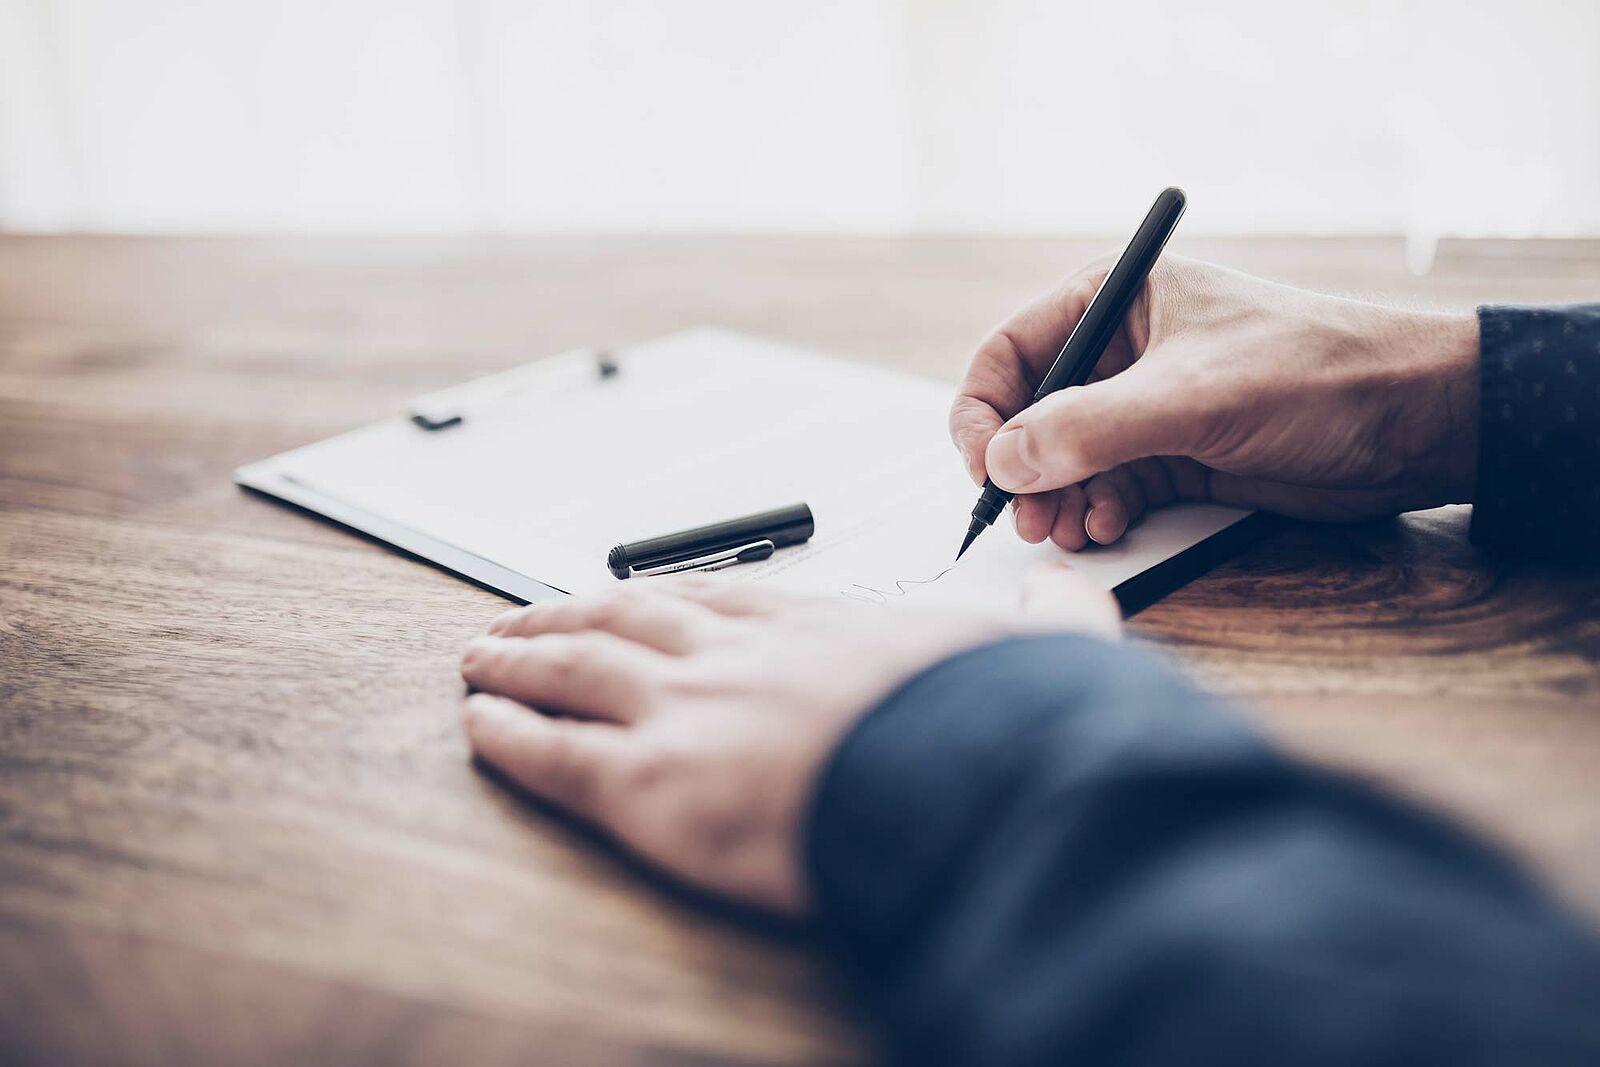 Bildausschnitt der Hände einer Person, die händisch auf einem Holztisch ein Formular ausfüllt.